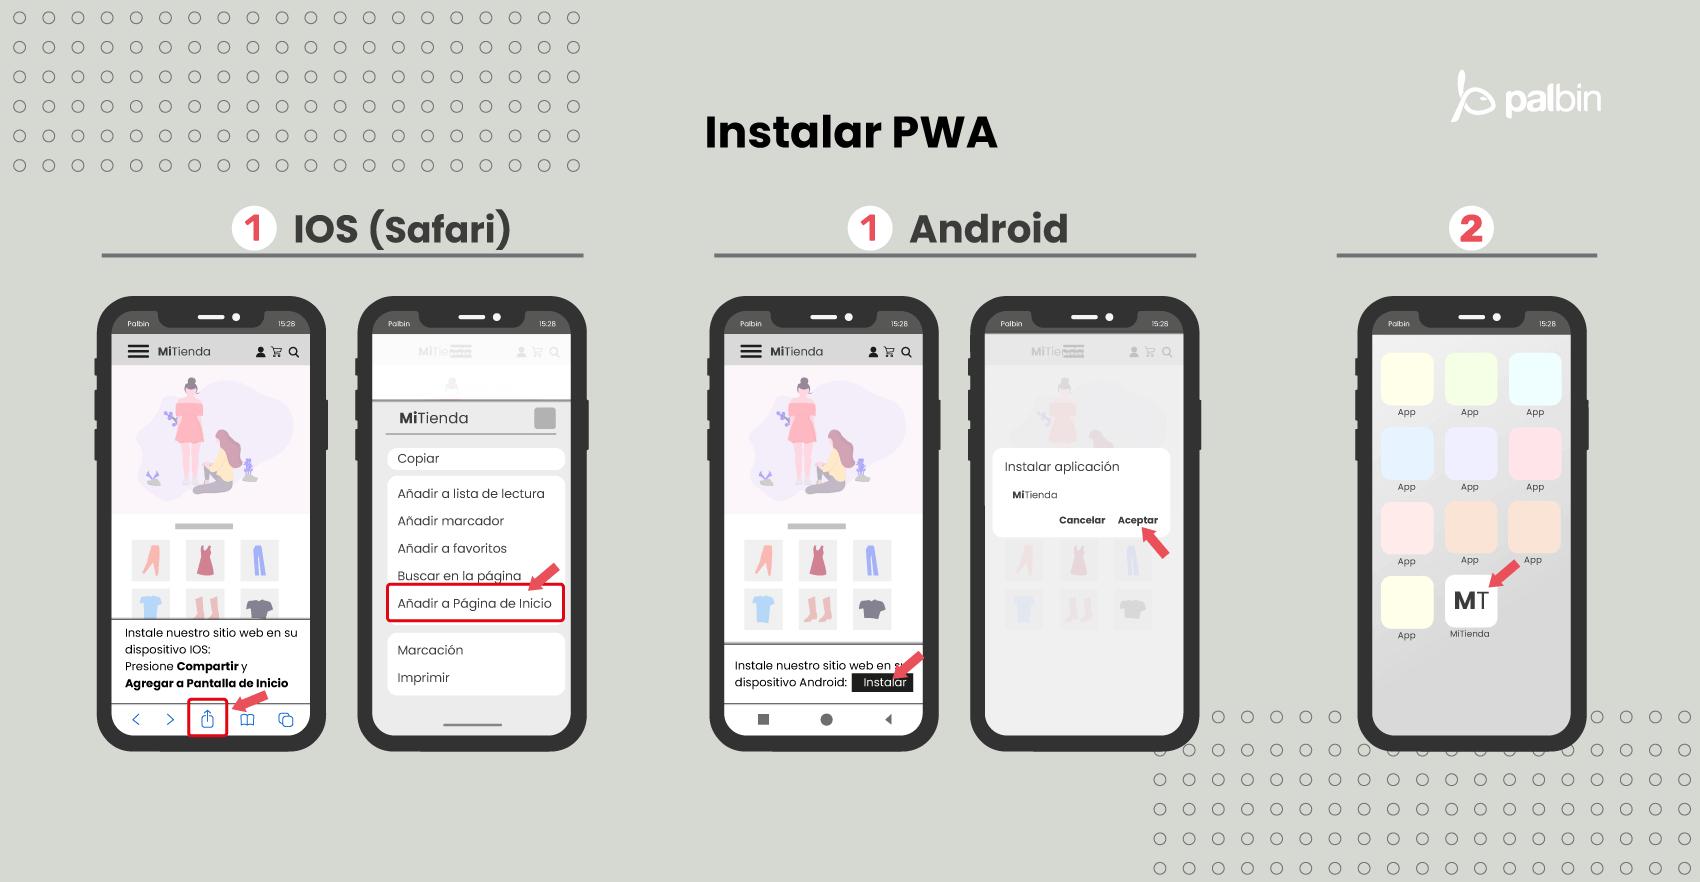 Cómo instalar PWA